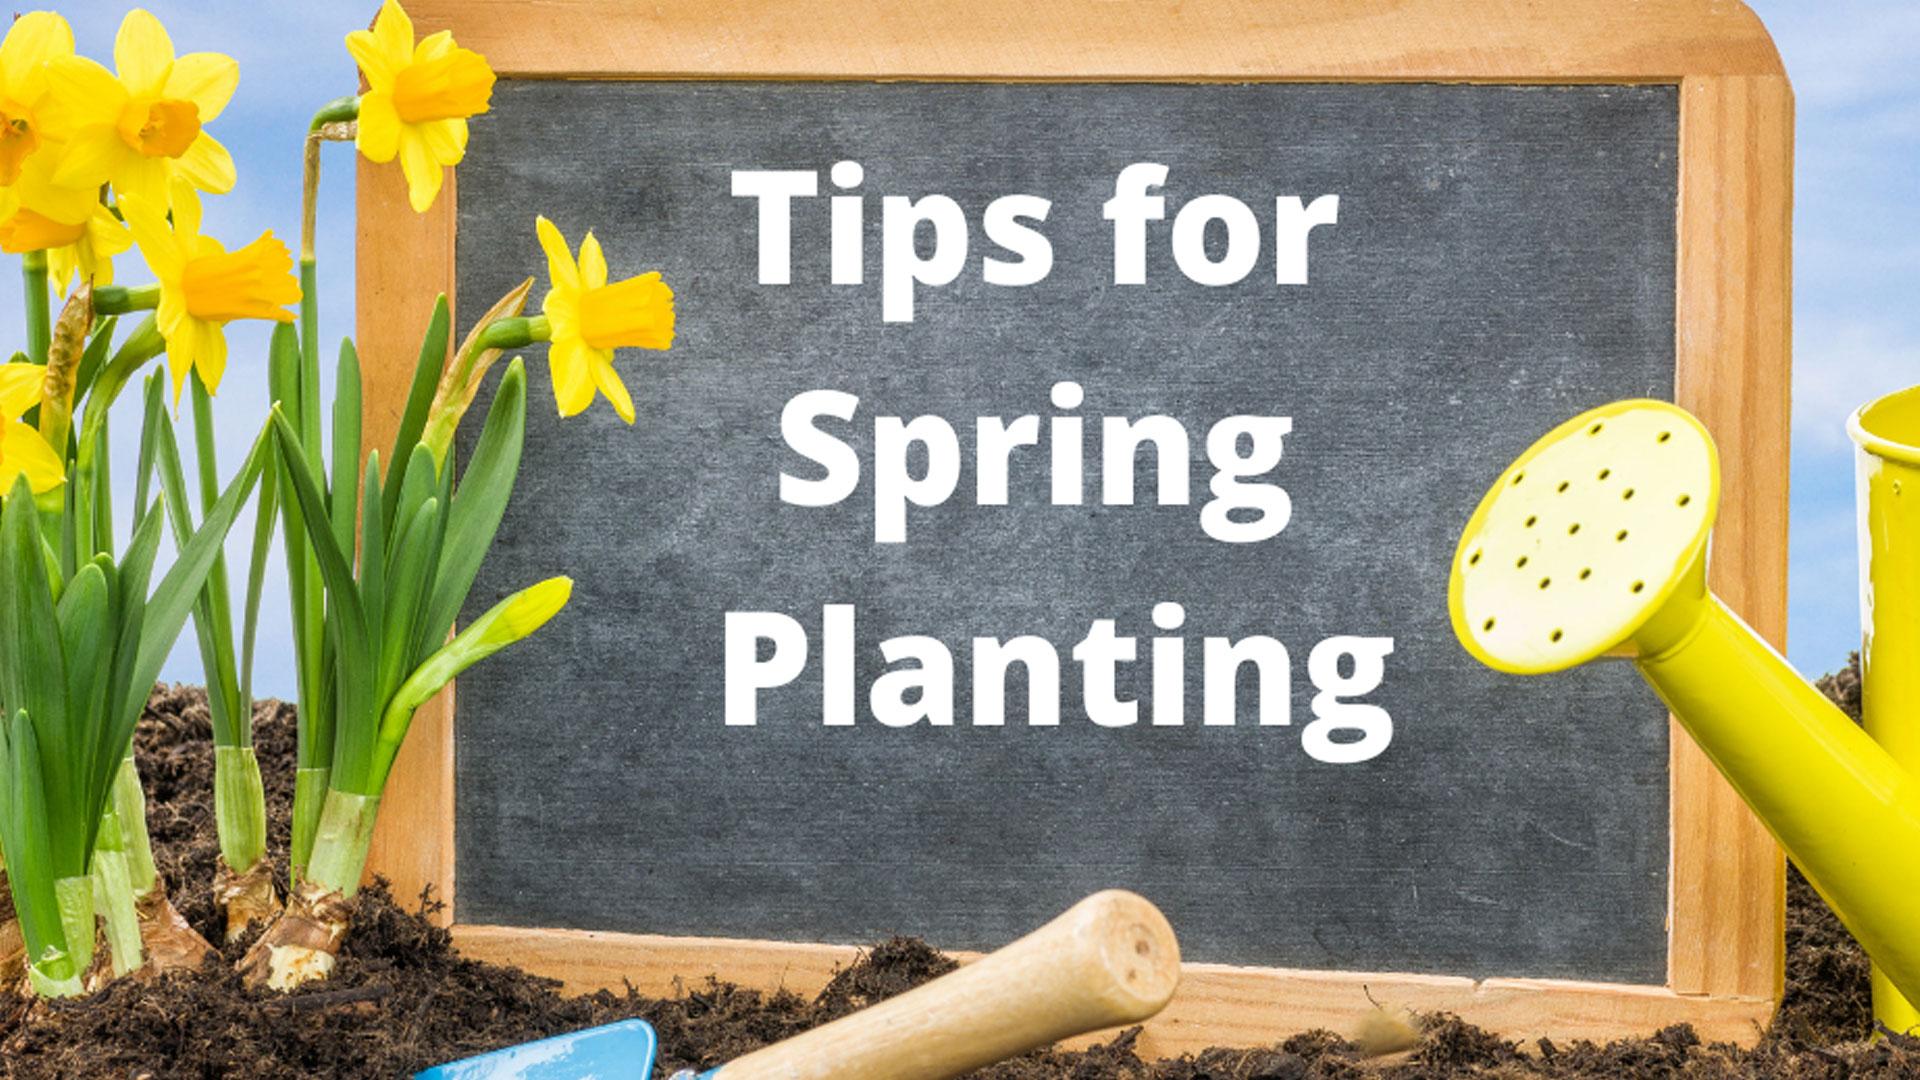 Spring Planting Landscape & Gardening